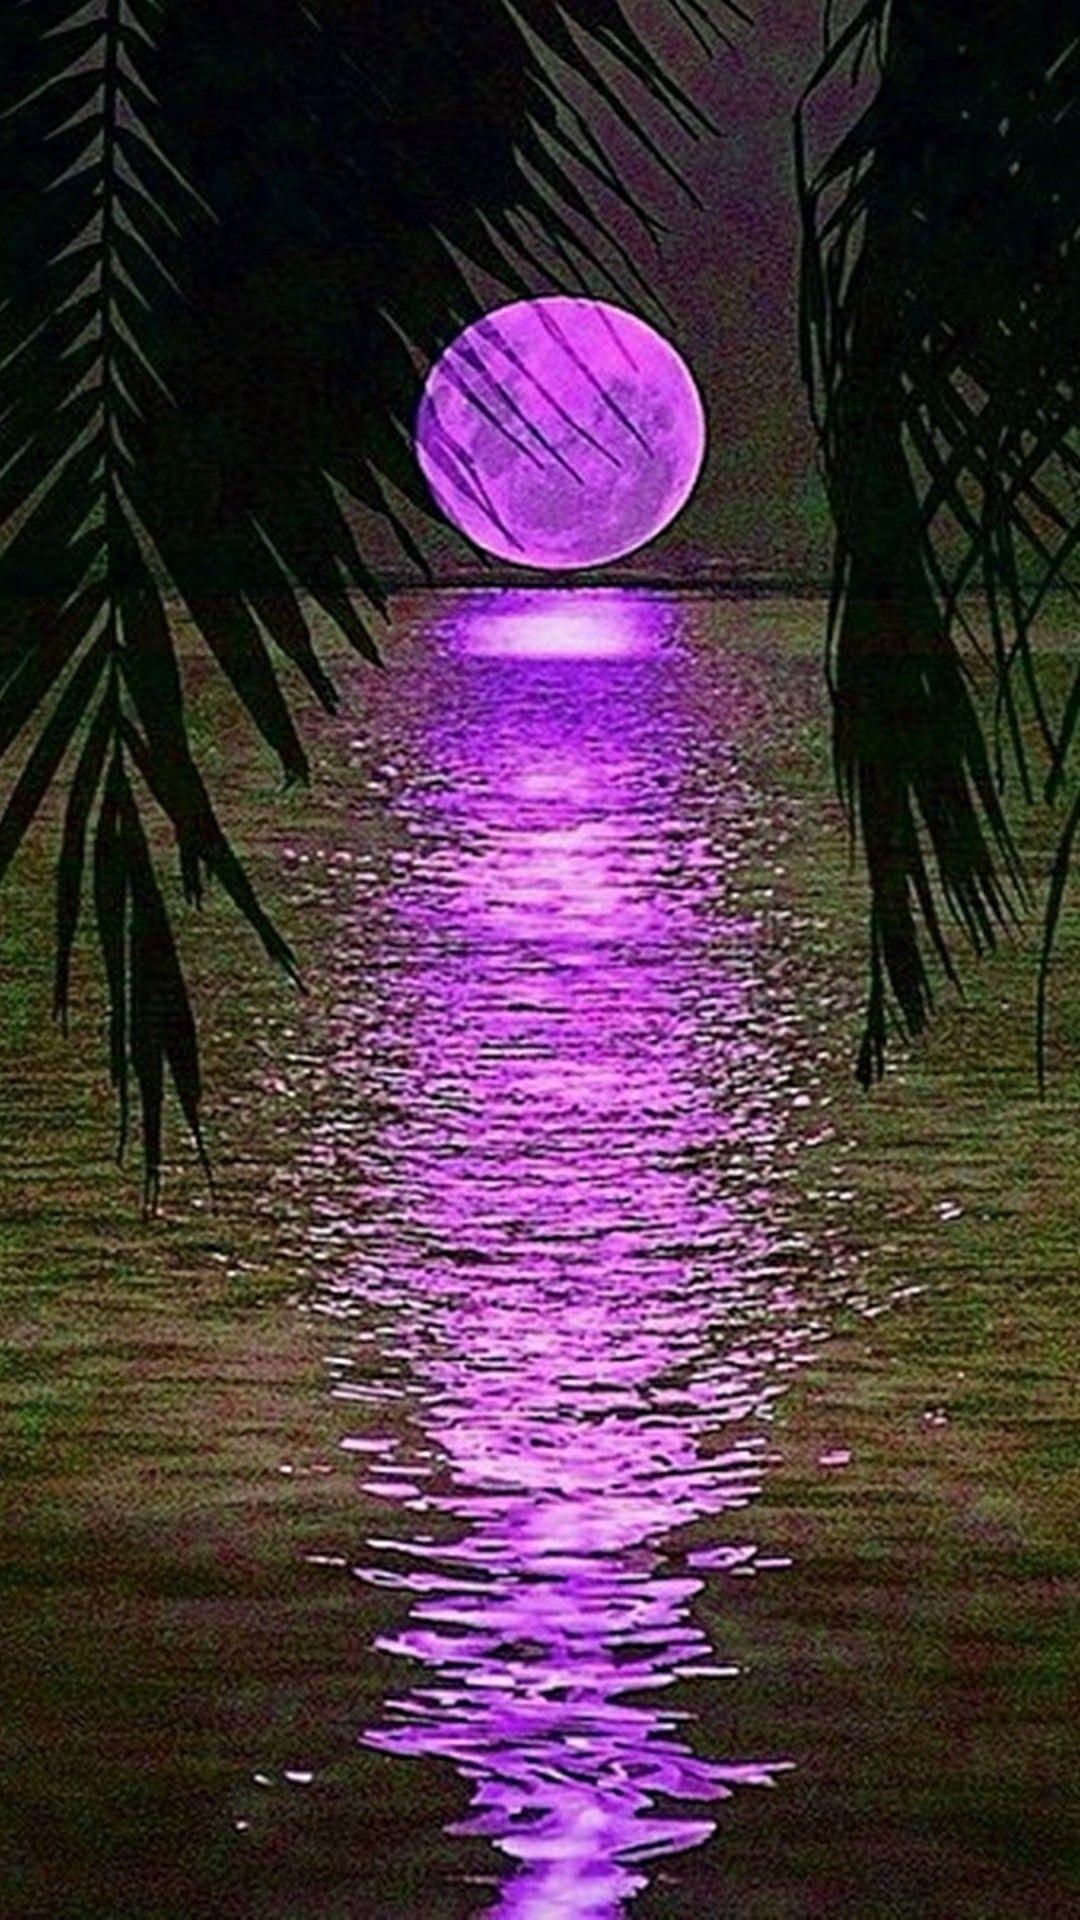 Plams purple moon moon stars ocean sky clouds - Purple moon wallpaper ...